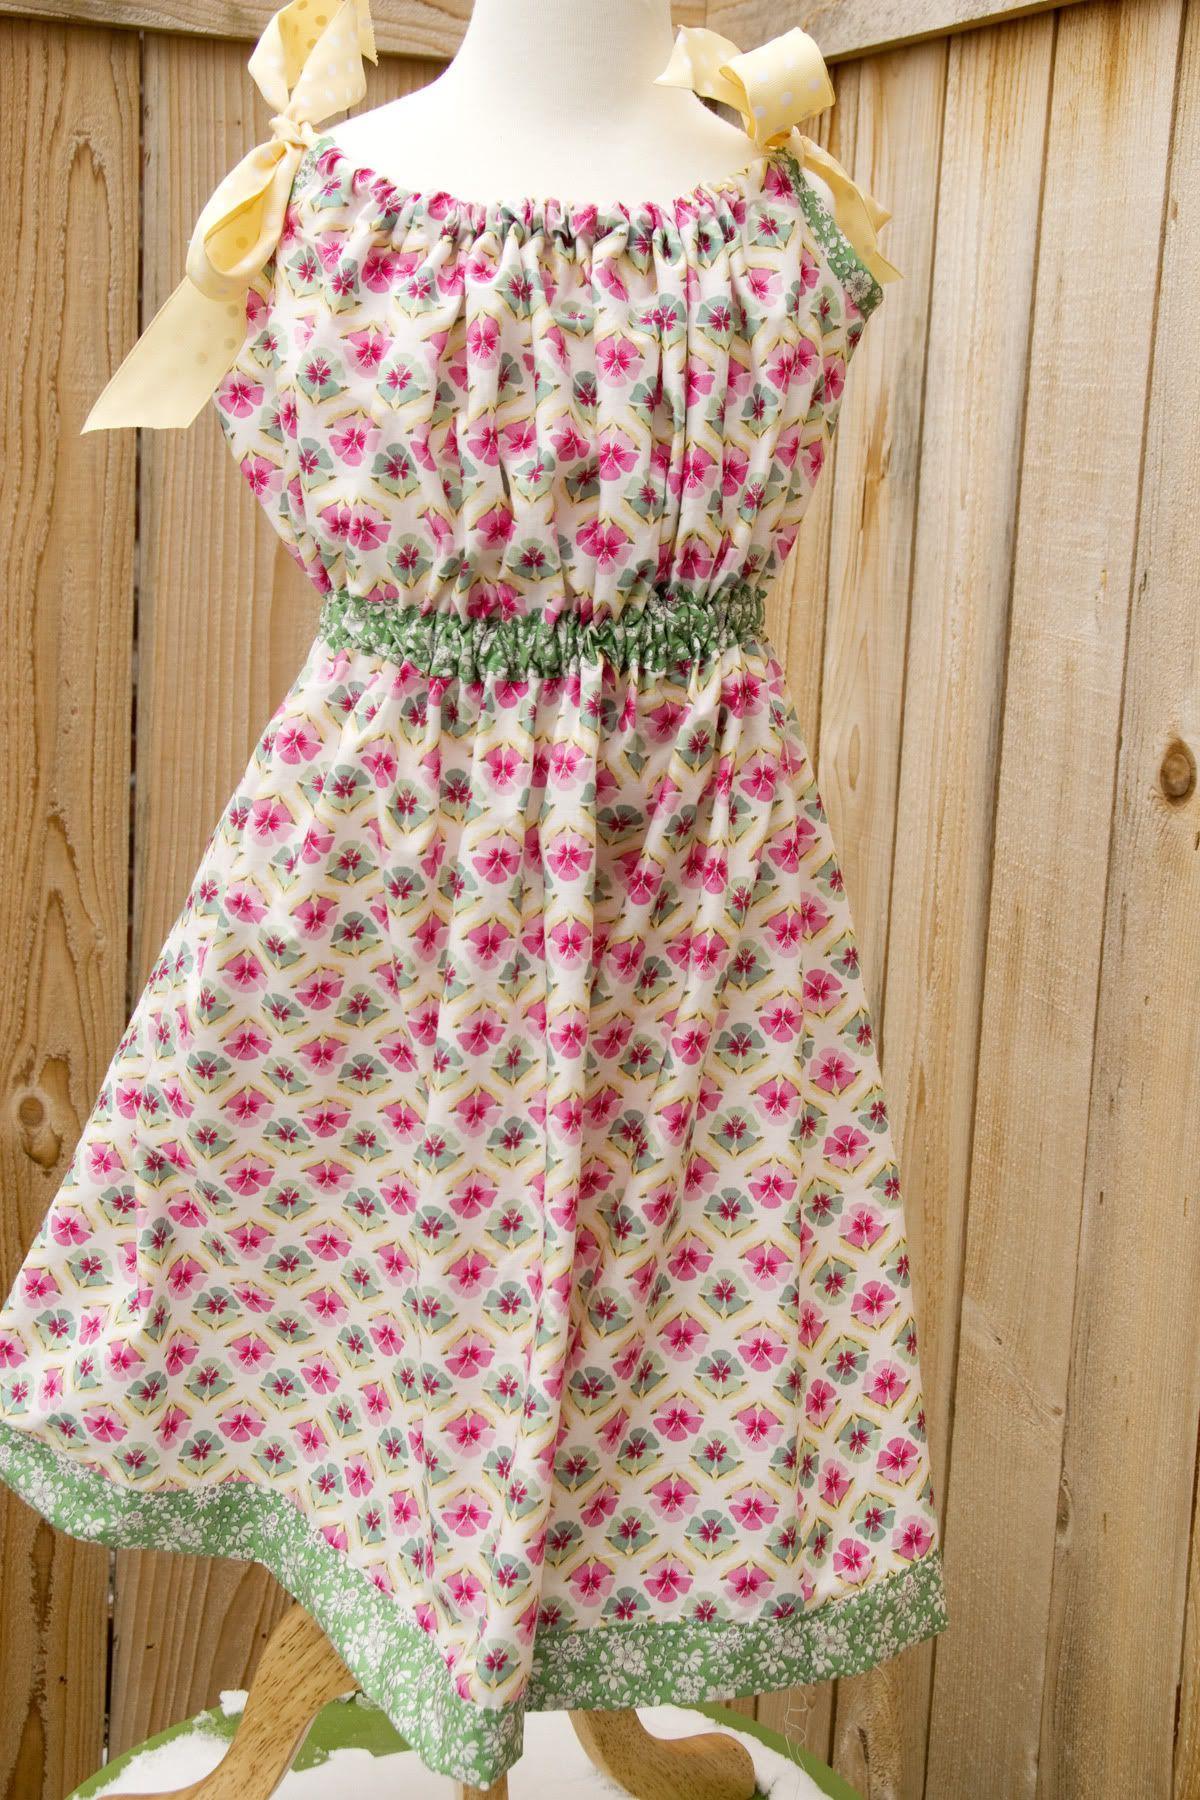 Tutorial: Add waistband to a pillowcase dress | Kopfkissenbezug, Ich ...